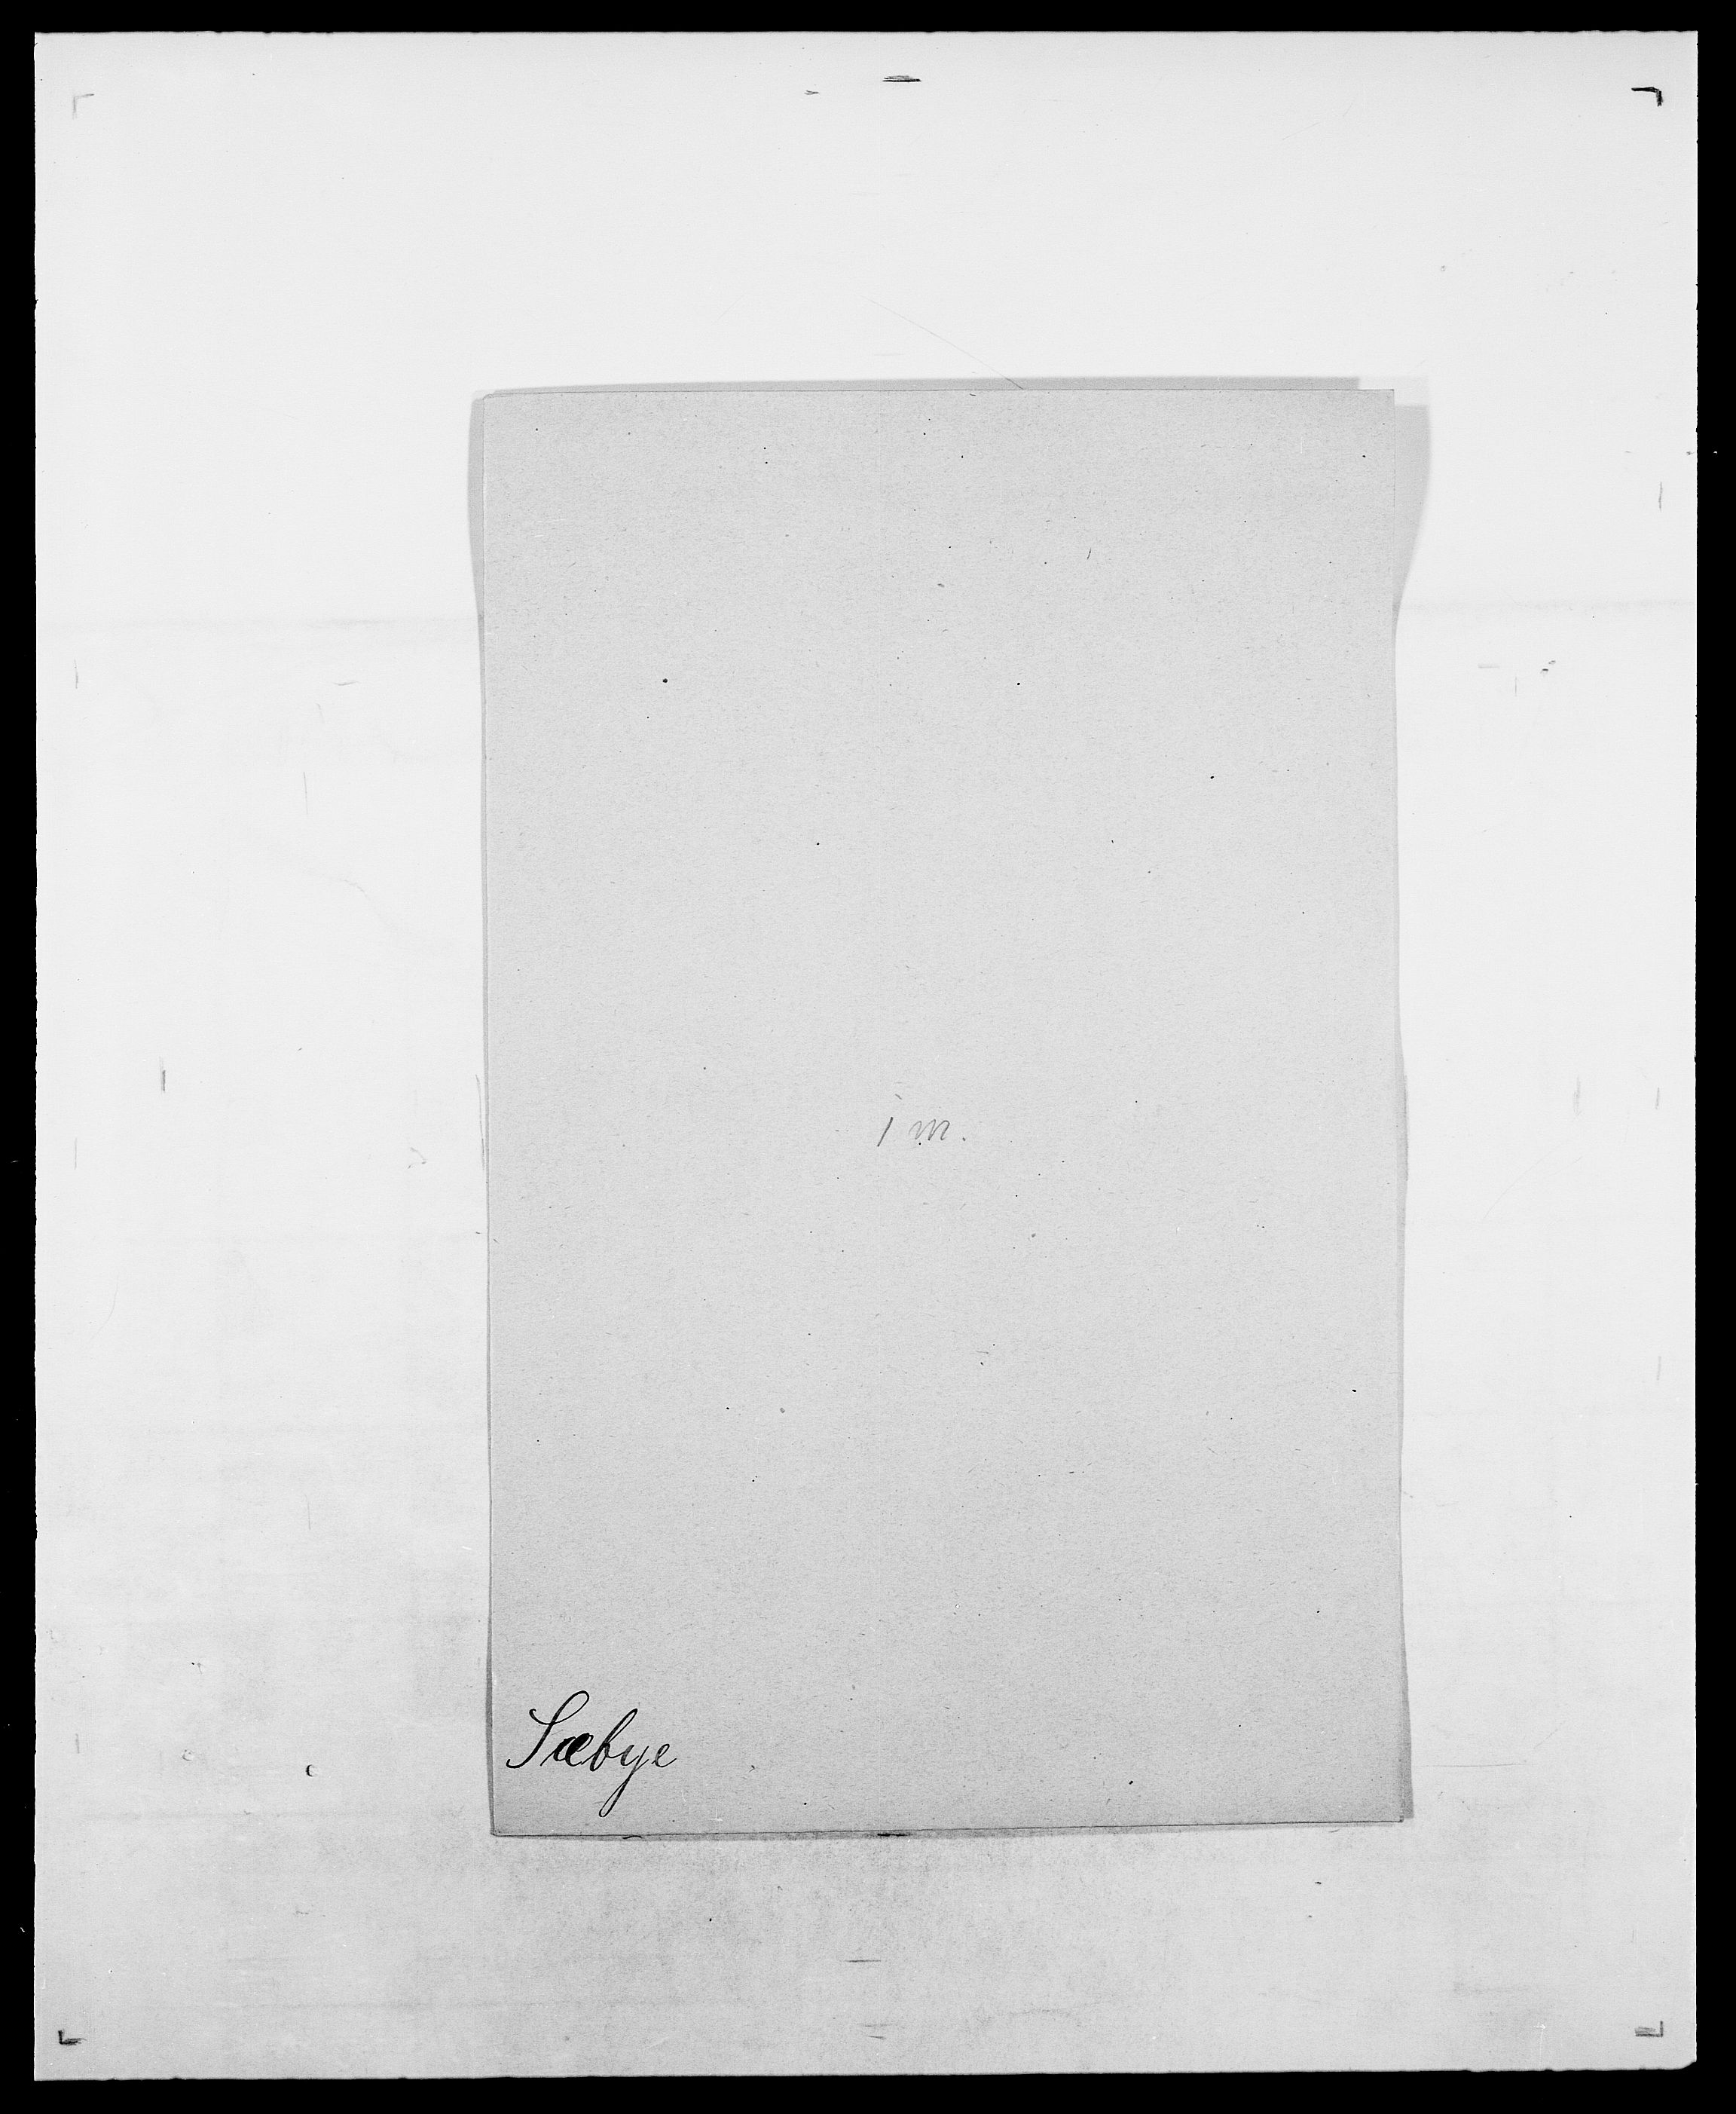 SAO, Delgobe, Charles Antoine - samling, D/Da/L0038: Svanenskjold - Thornsohn, s. 126